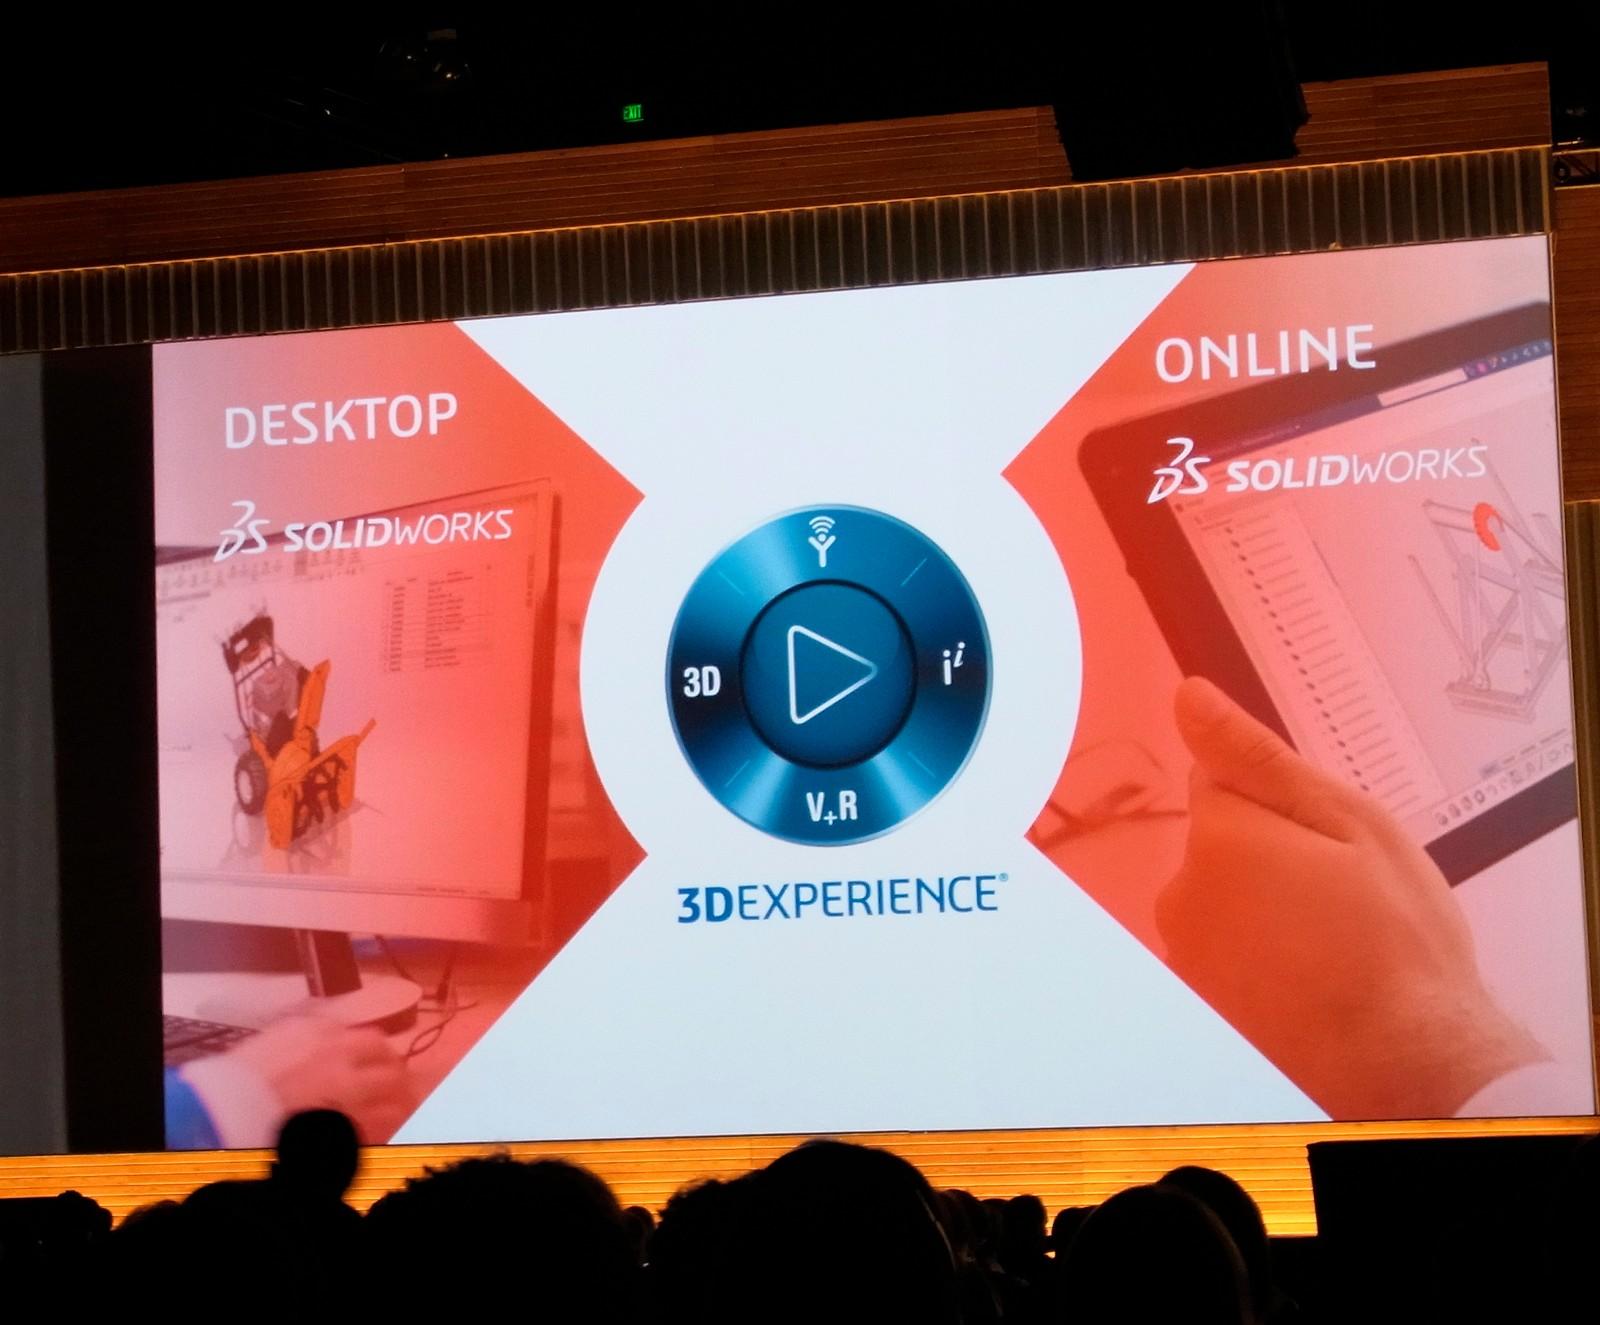 Neben der Desktop-Variante bietet Solidworks nun auch die Möglichkeit, online zu arbeiten, denn die Datenmenge steigt rasant – hervorgerufen u.a. durch die Voxel-orientierte Konstruktion von 3D-Bauteilen. Die Rechenleistung der Workstations steigt enor